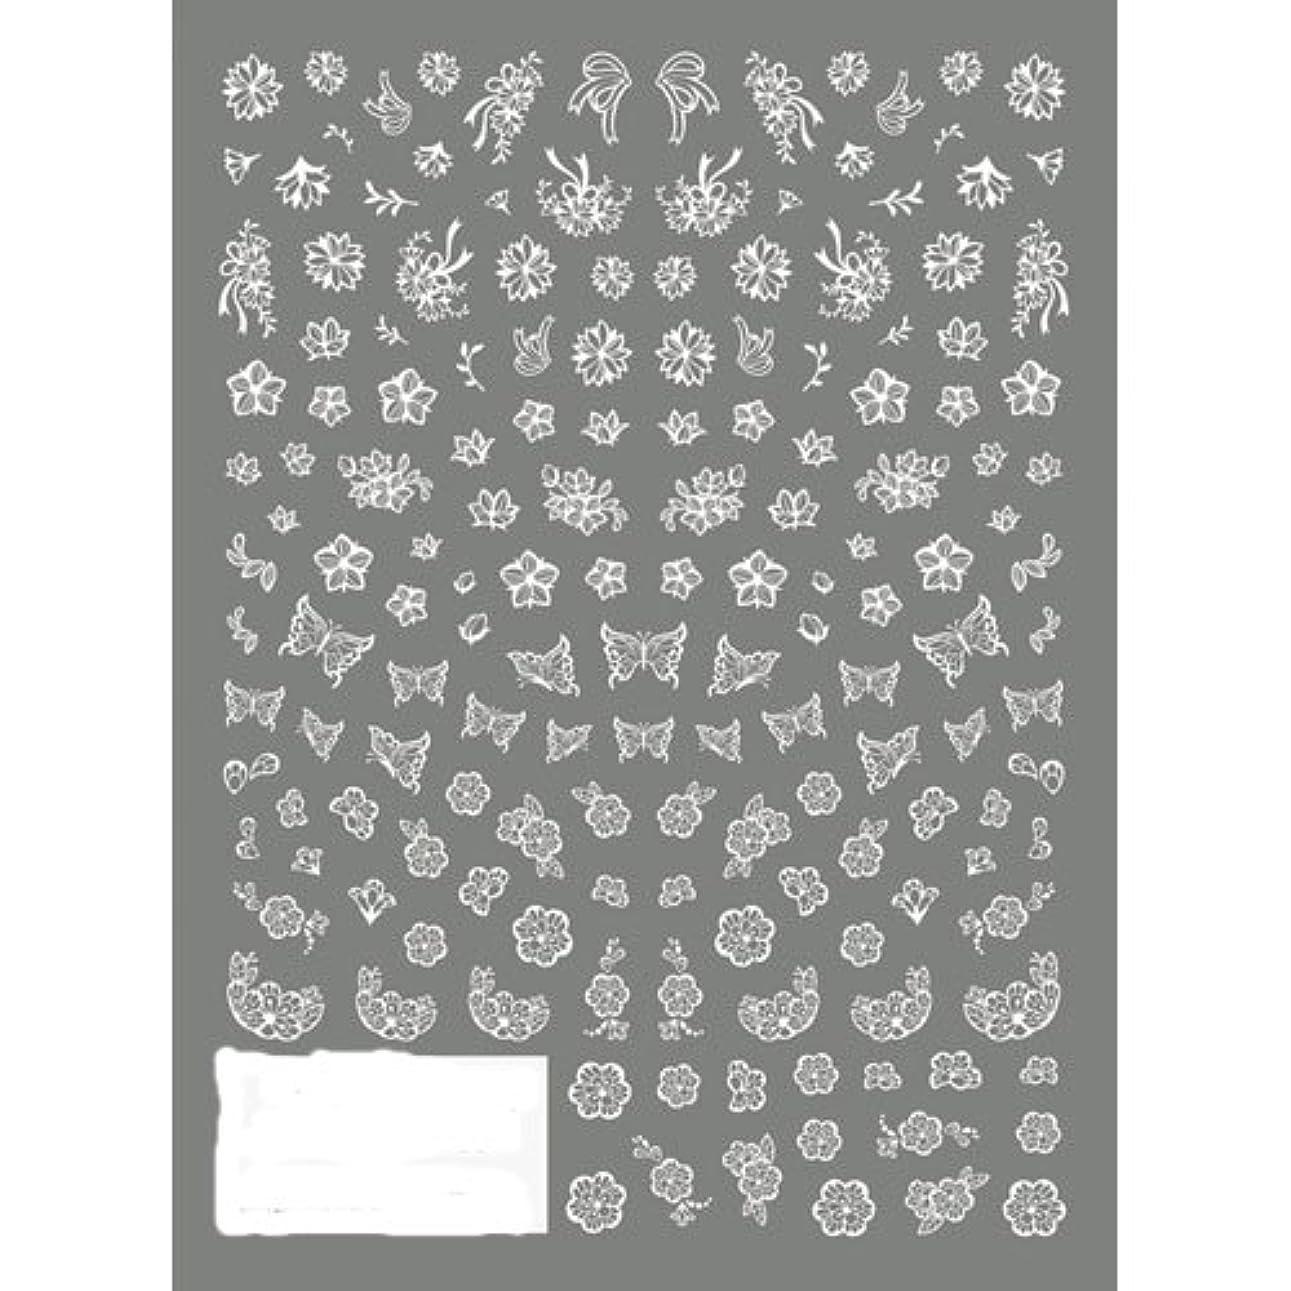 くまマイルドリベラルツメキラ ネイル用シール 切り絵 フラワー&バタフライ ホワイト